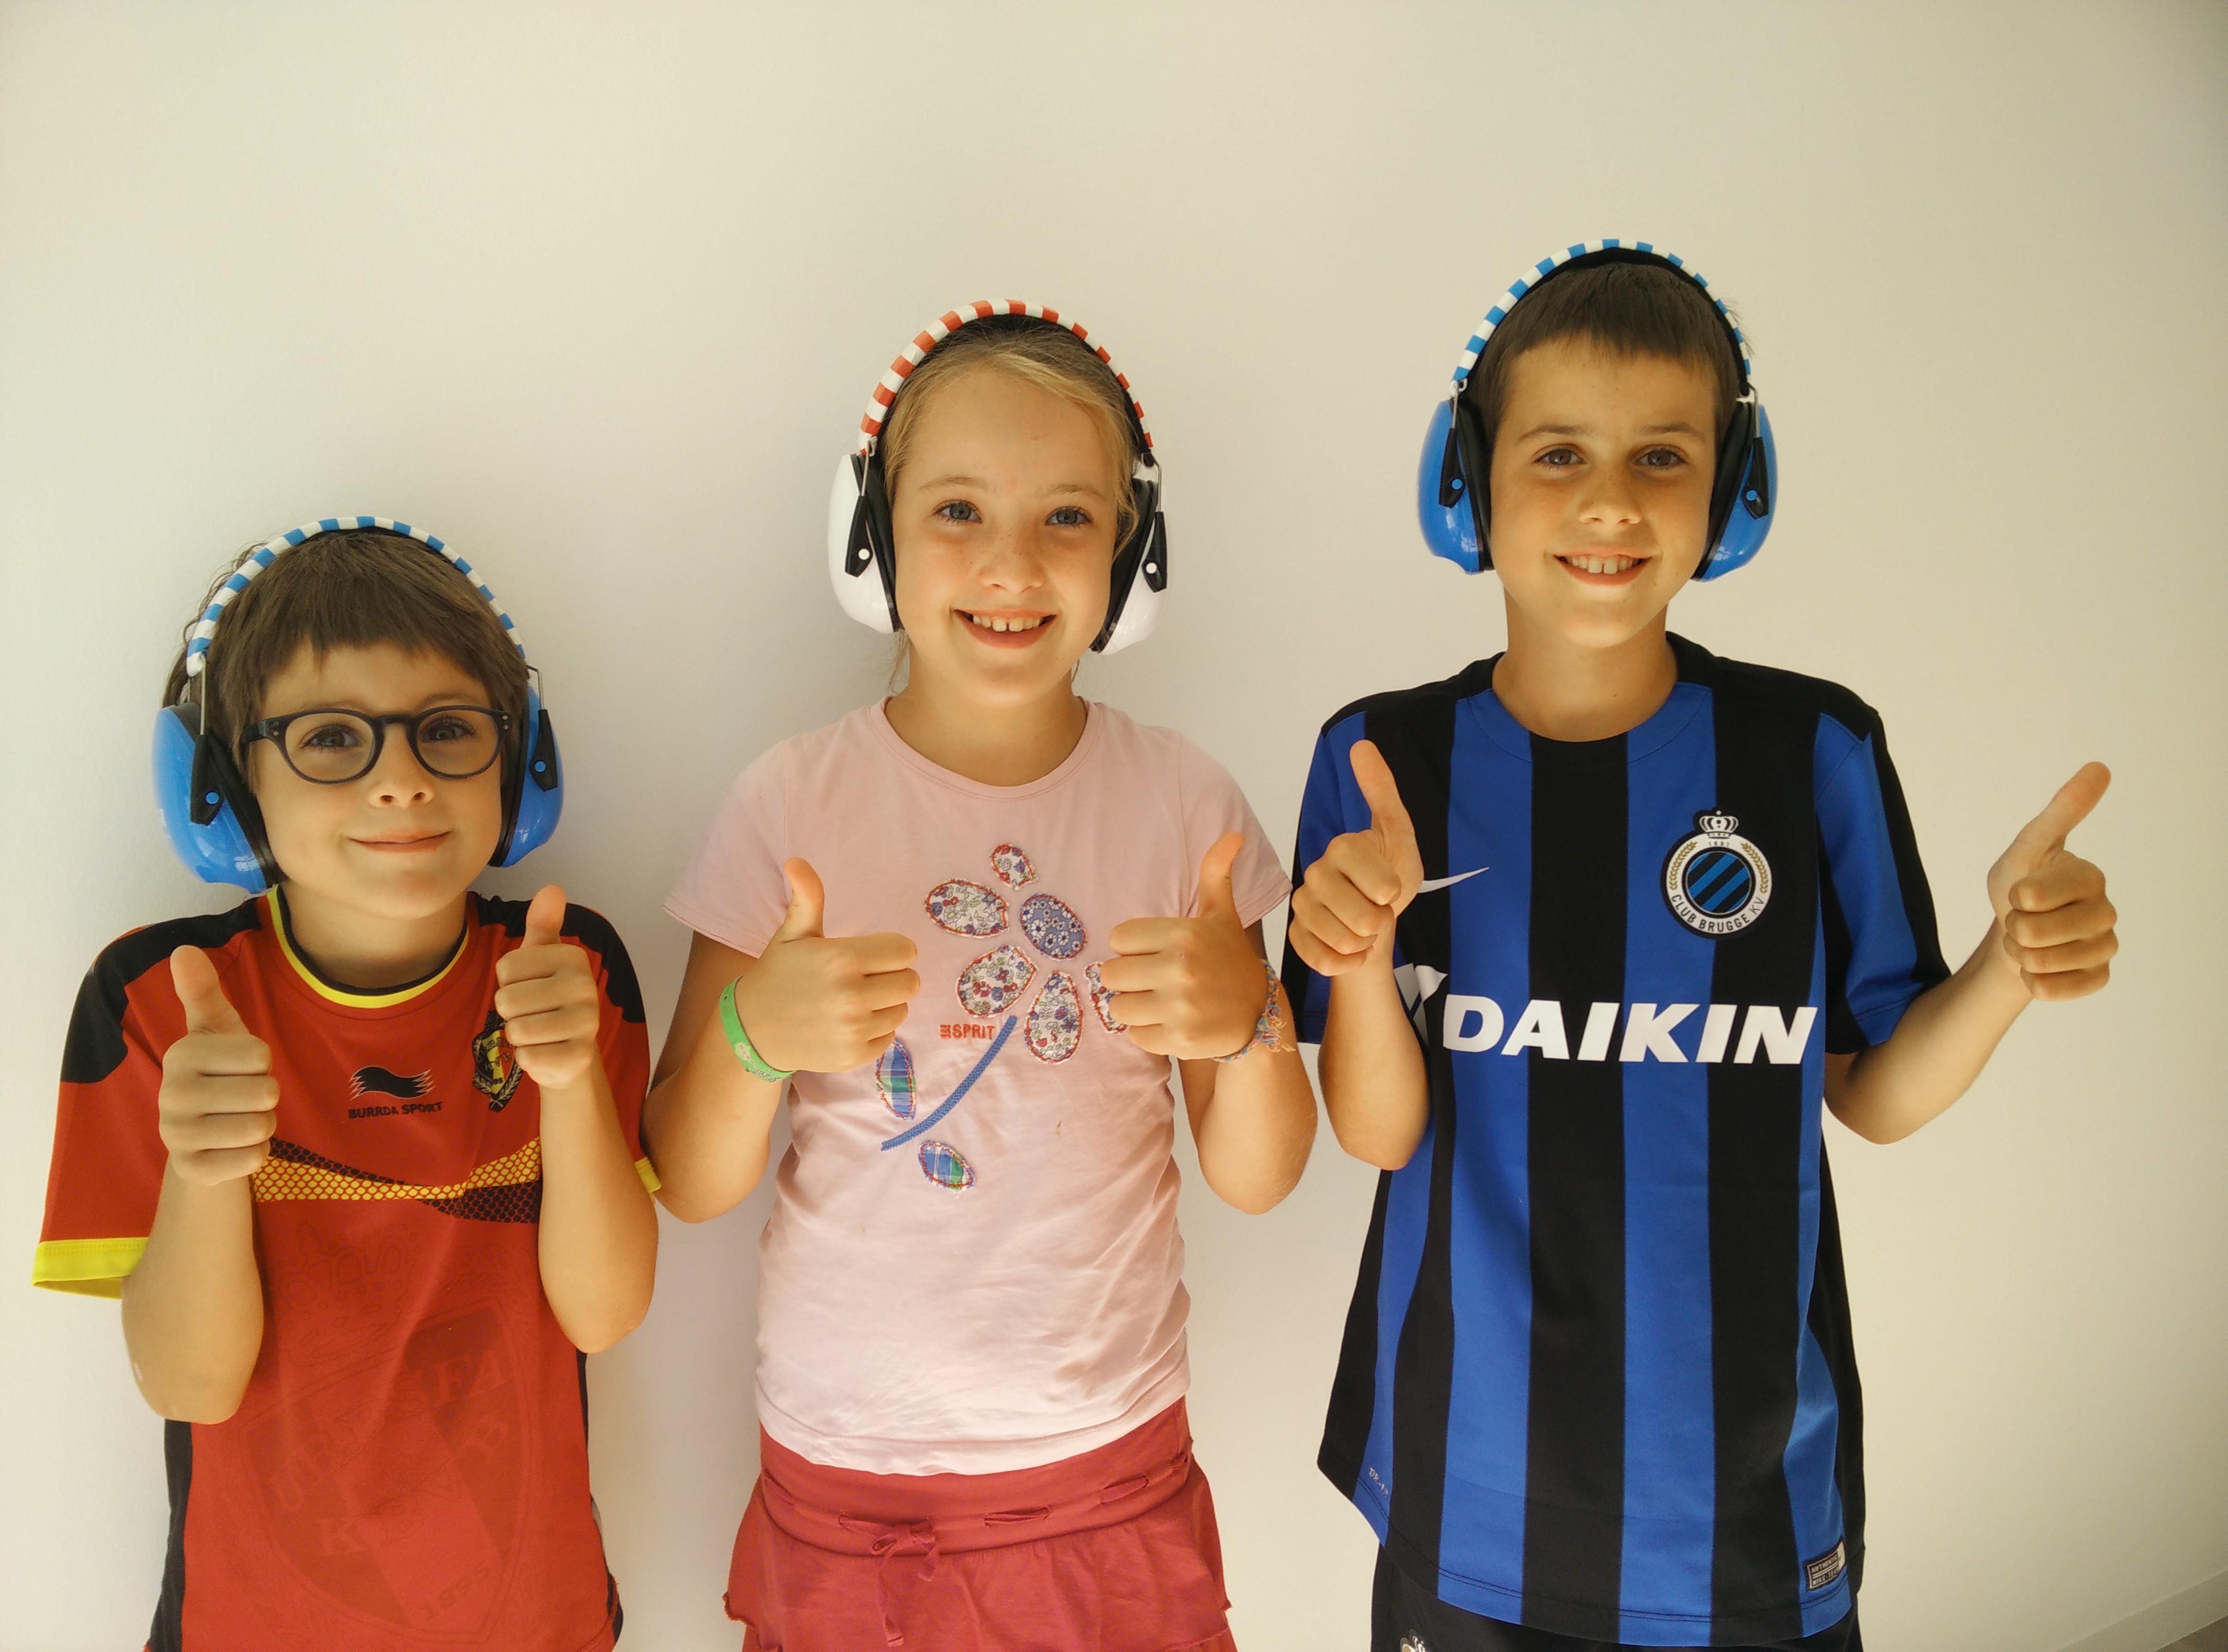 Hoofdtelefoon voor kids